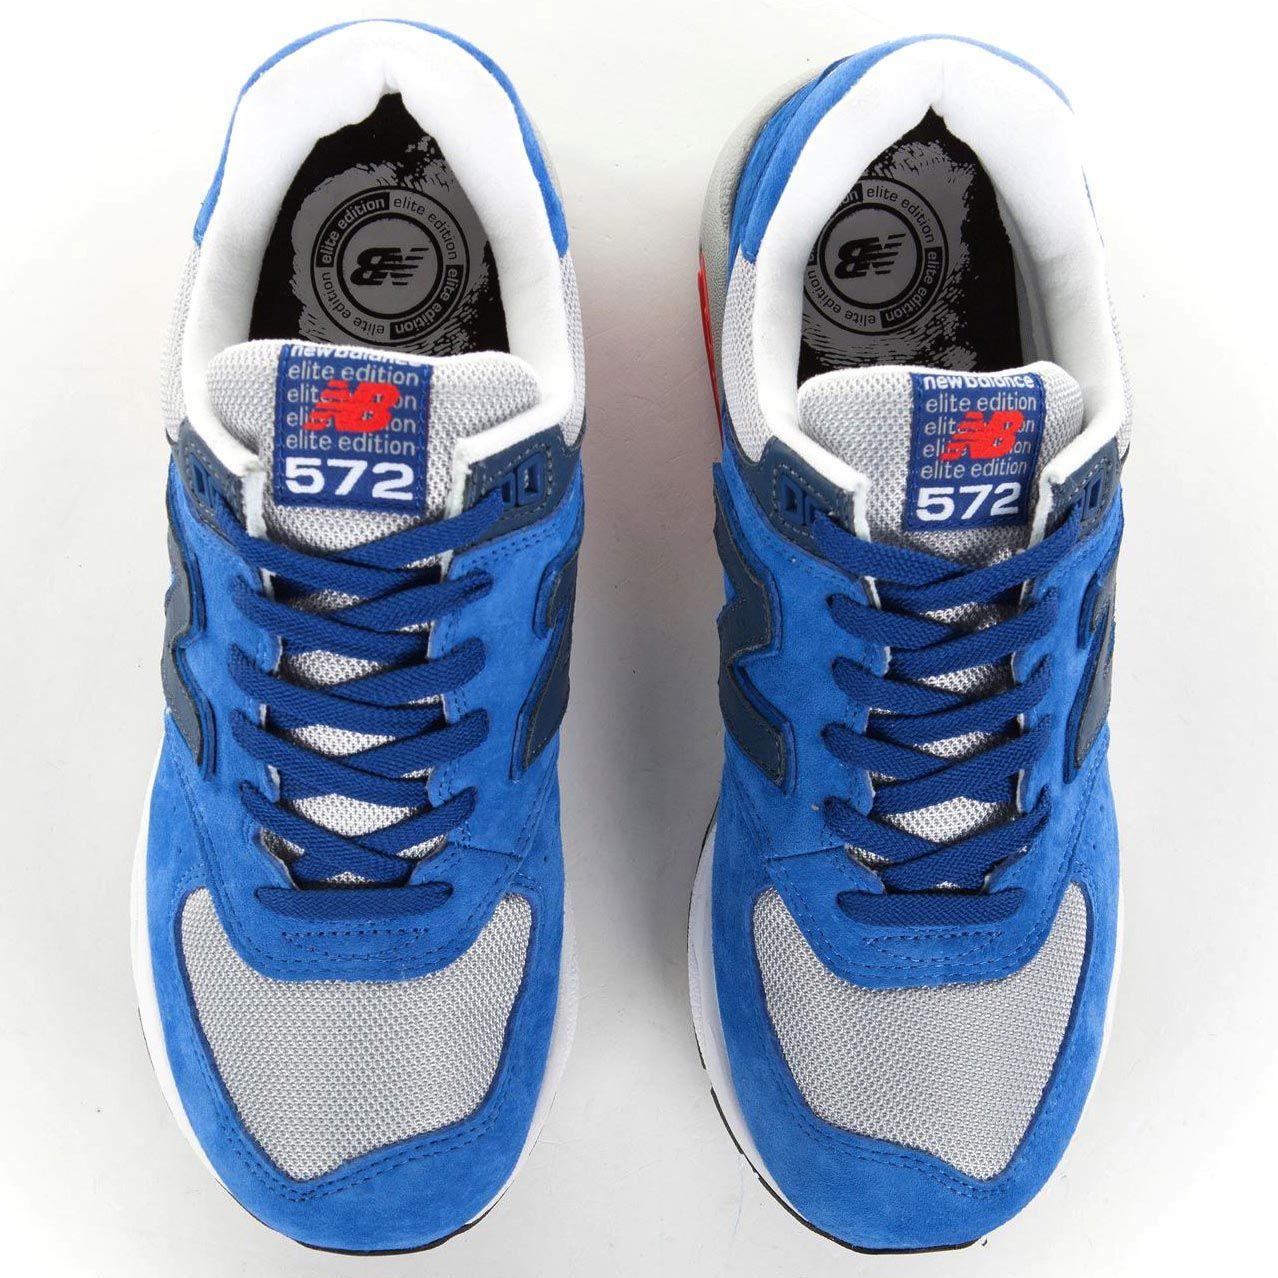 Мужские замшевые кроссовки New Balance LifeStyle 572 ярко-голубые